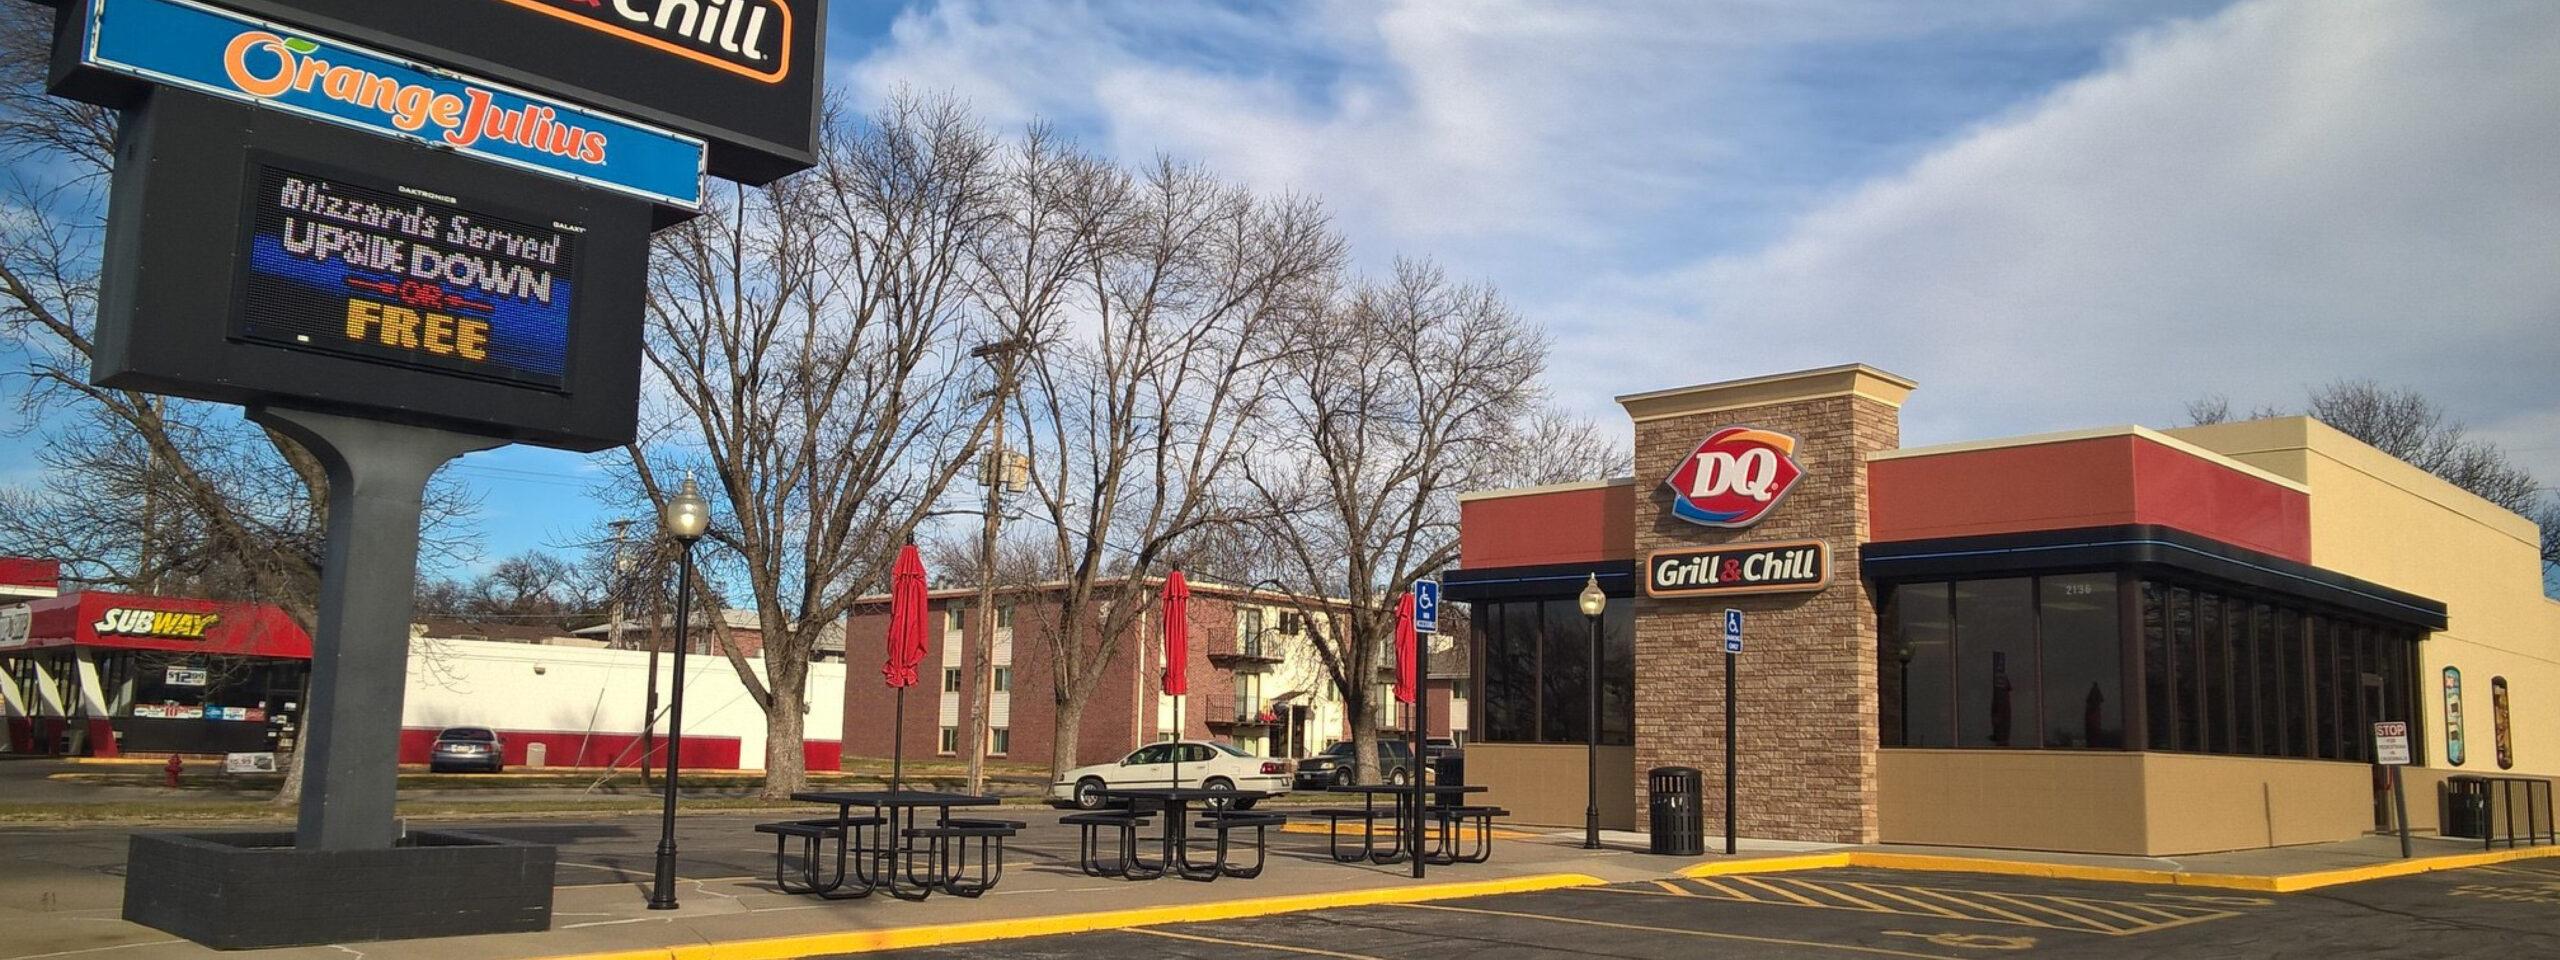 Lincoln, NE Fourteen Foods DQ Restaurant